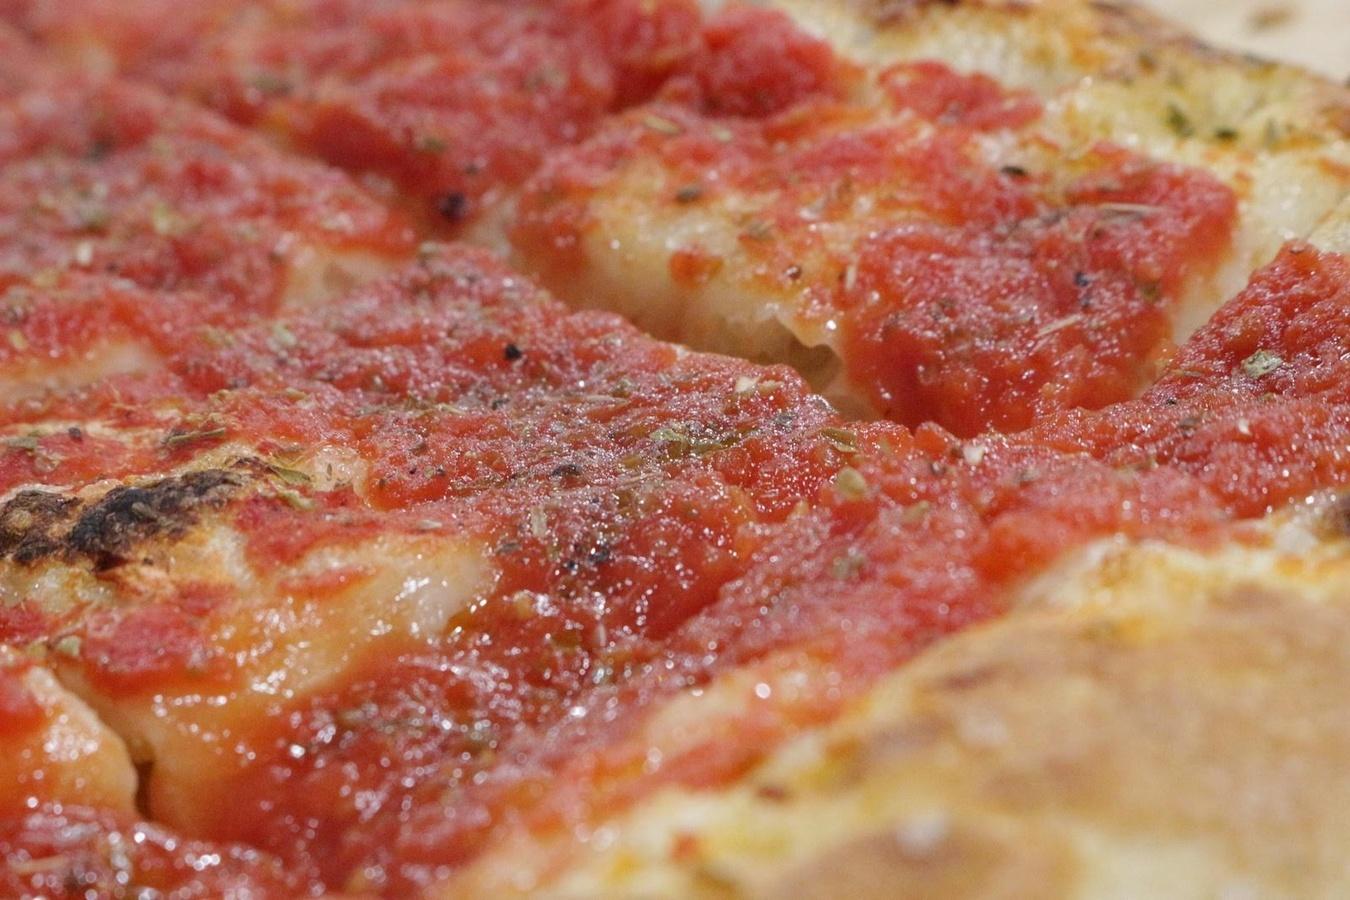 corso di pizzeria corso di focacceria scuola di cucina la palestra del cibo focaccia fatta in casa focaccia rossa e bianca